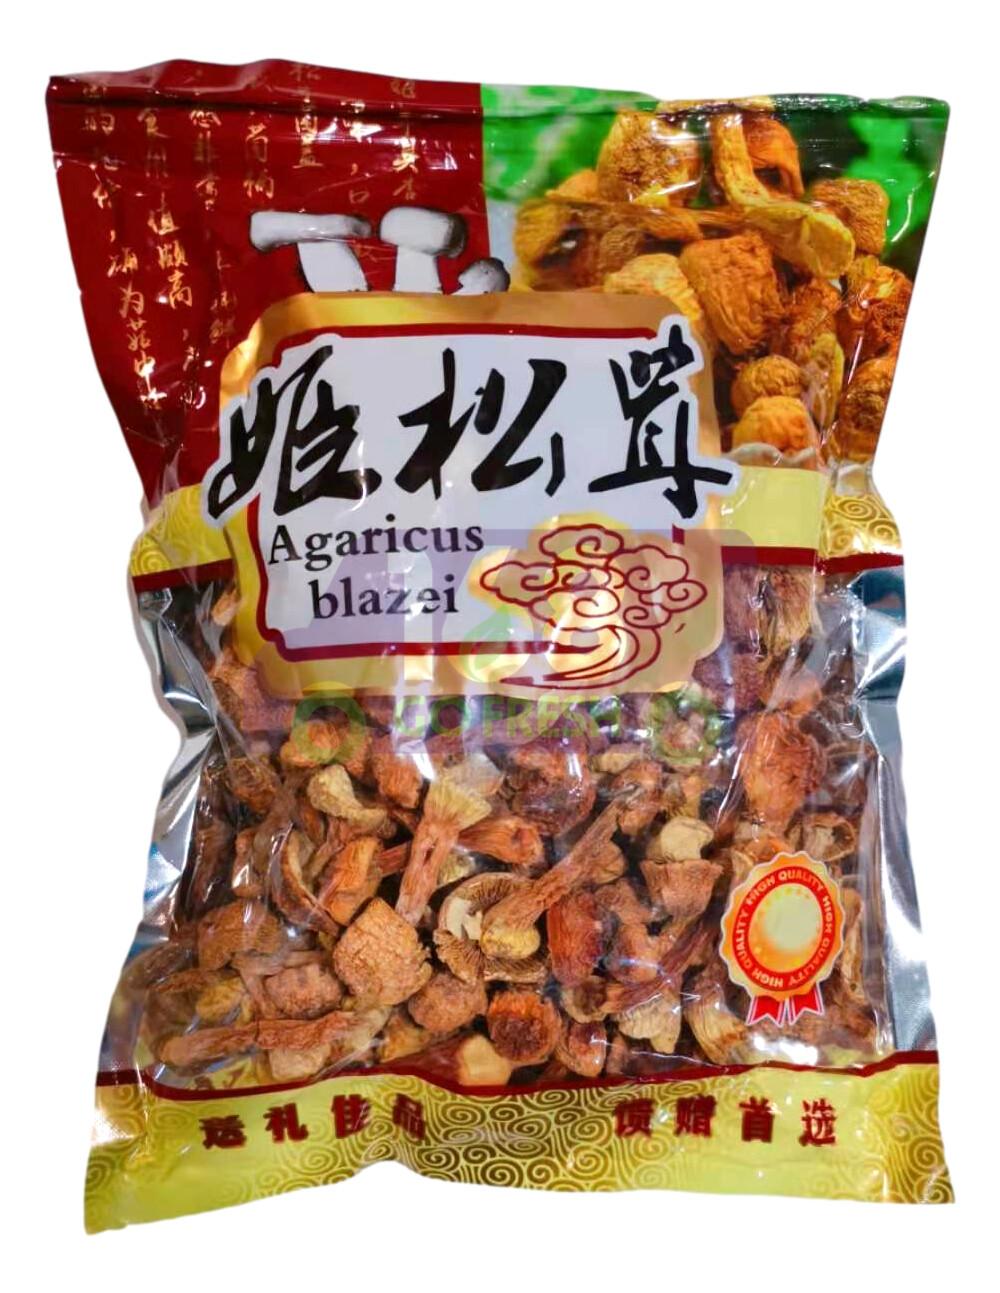 Dried Agaricus Blazei Mushroom 8oz 优质姬松茸/巴西蘑菇8oz